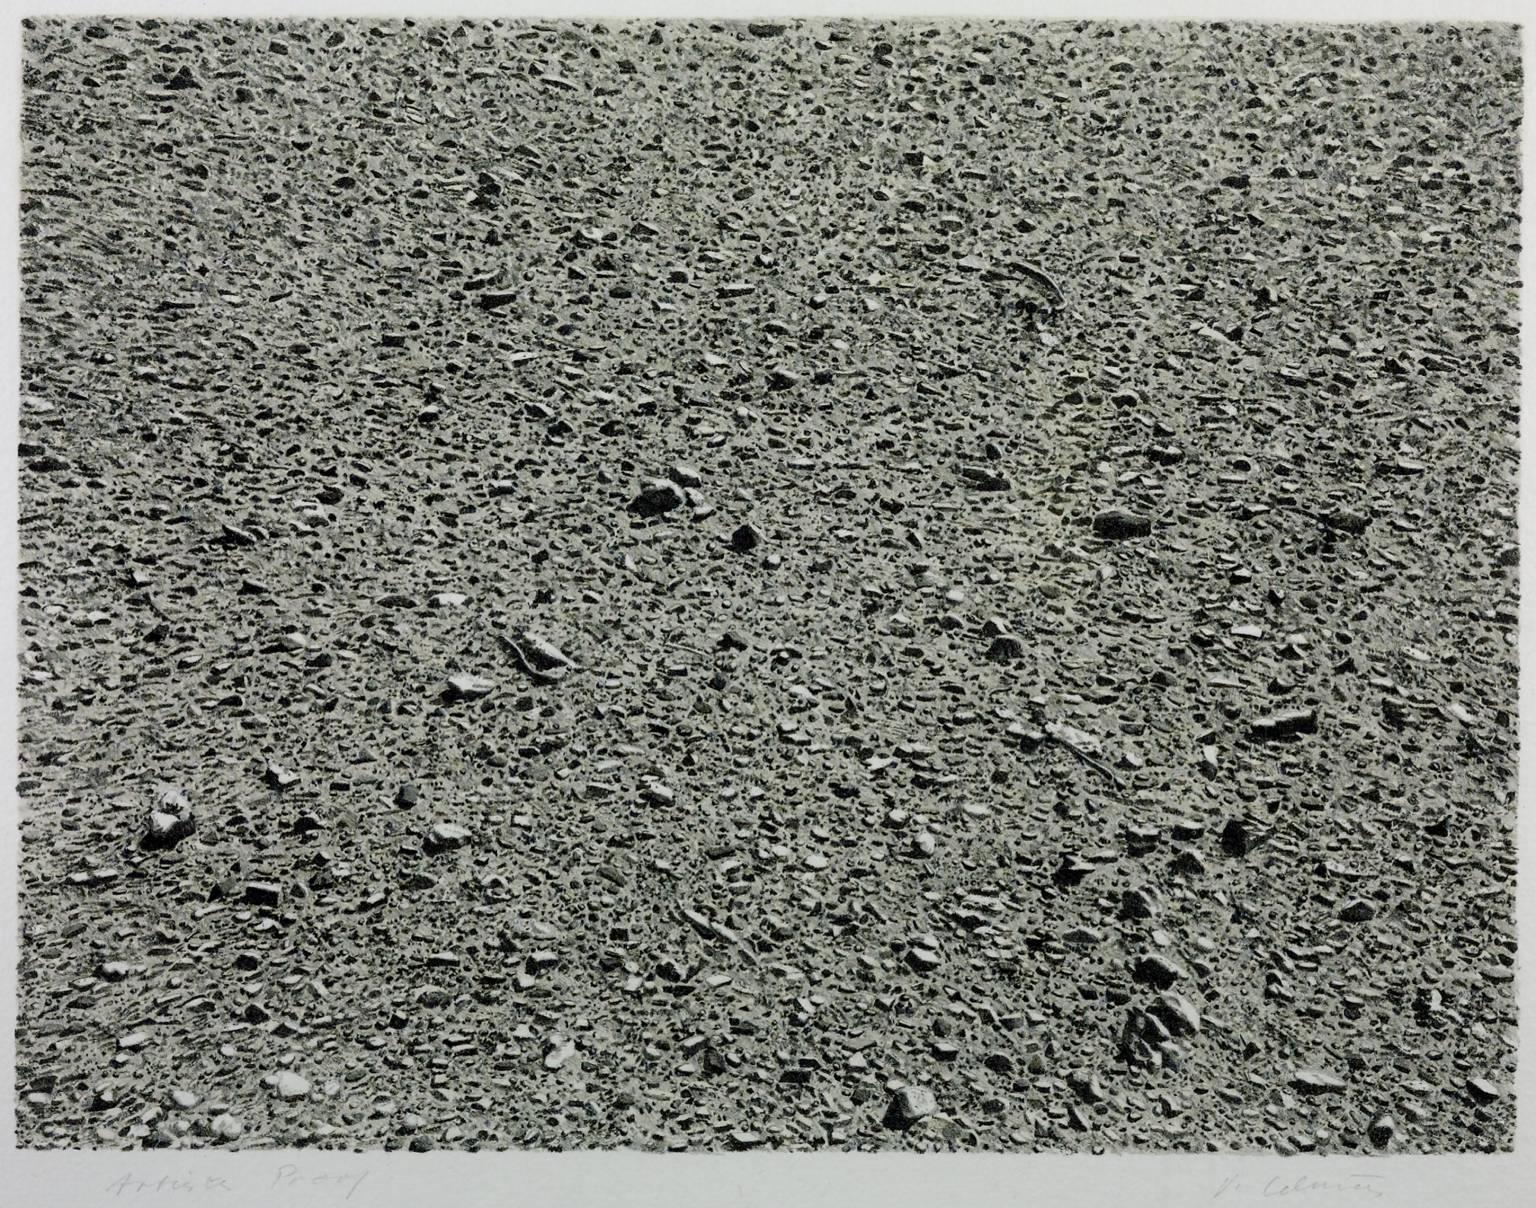 비야 셀민스(Vija Celmins), , 1975. 종이에 석판. 315 x 416 mm. Copyright: Vija Celmins